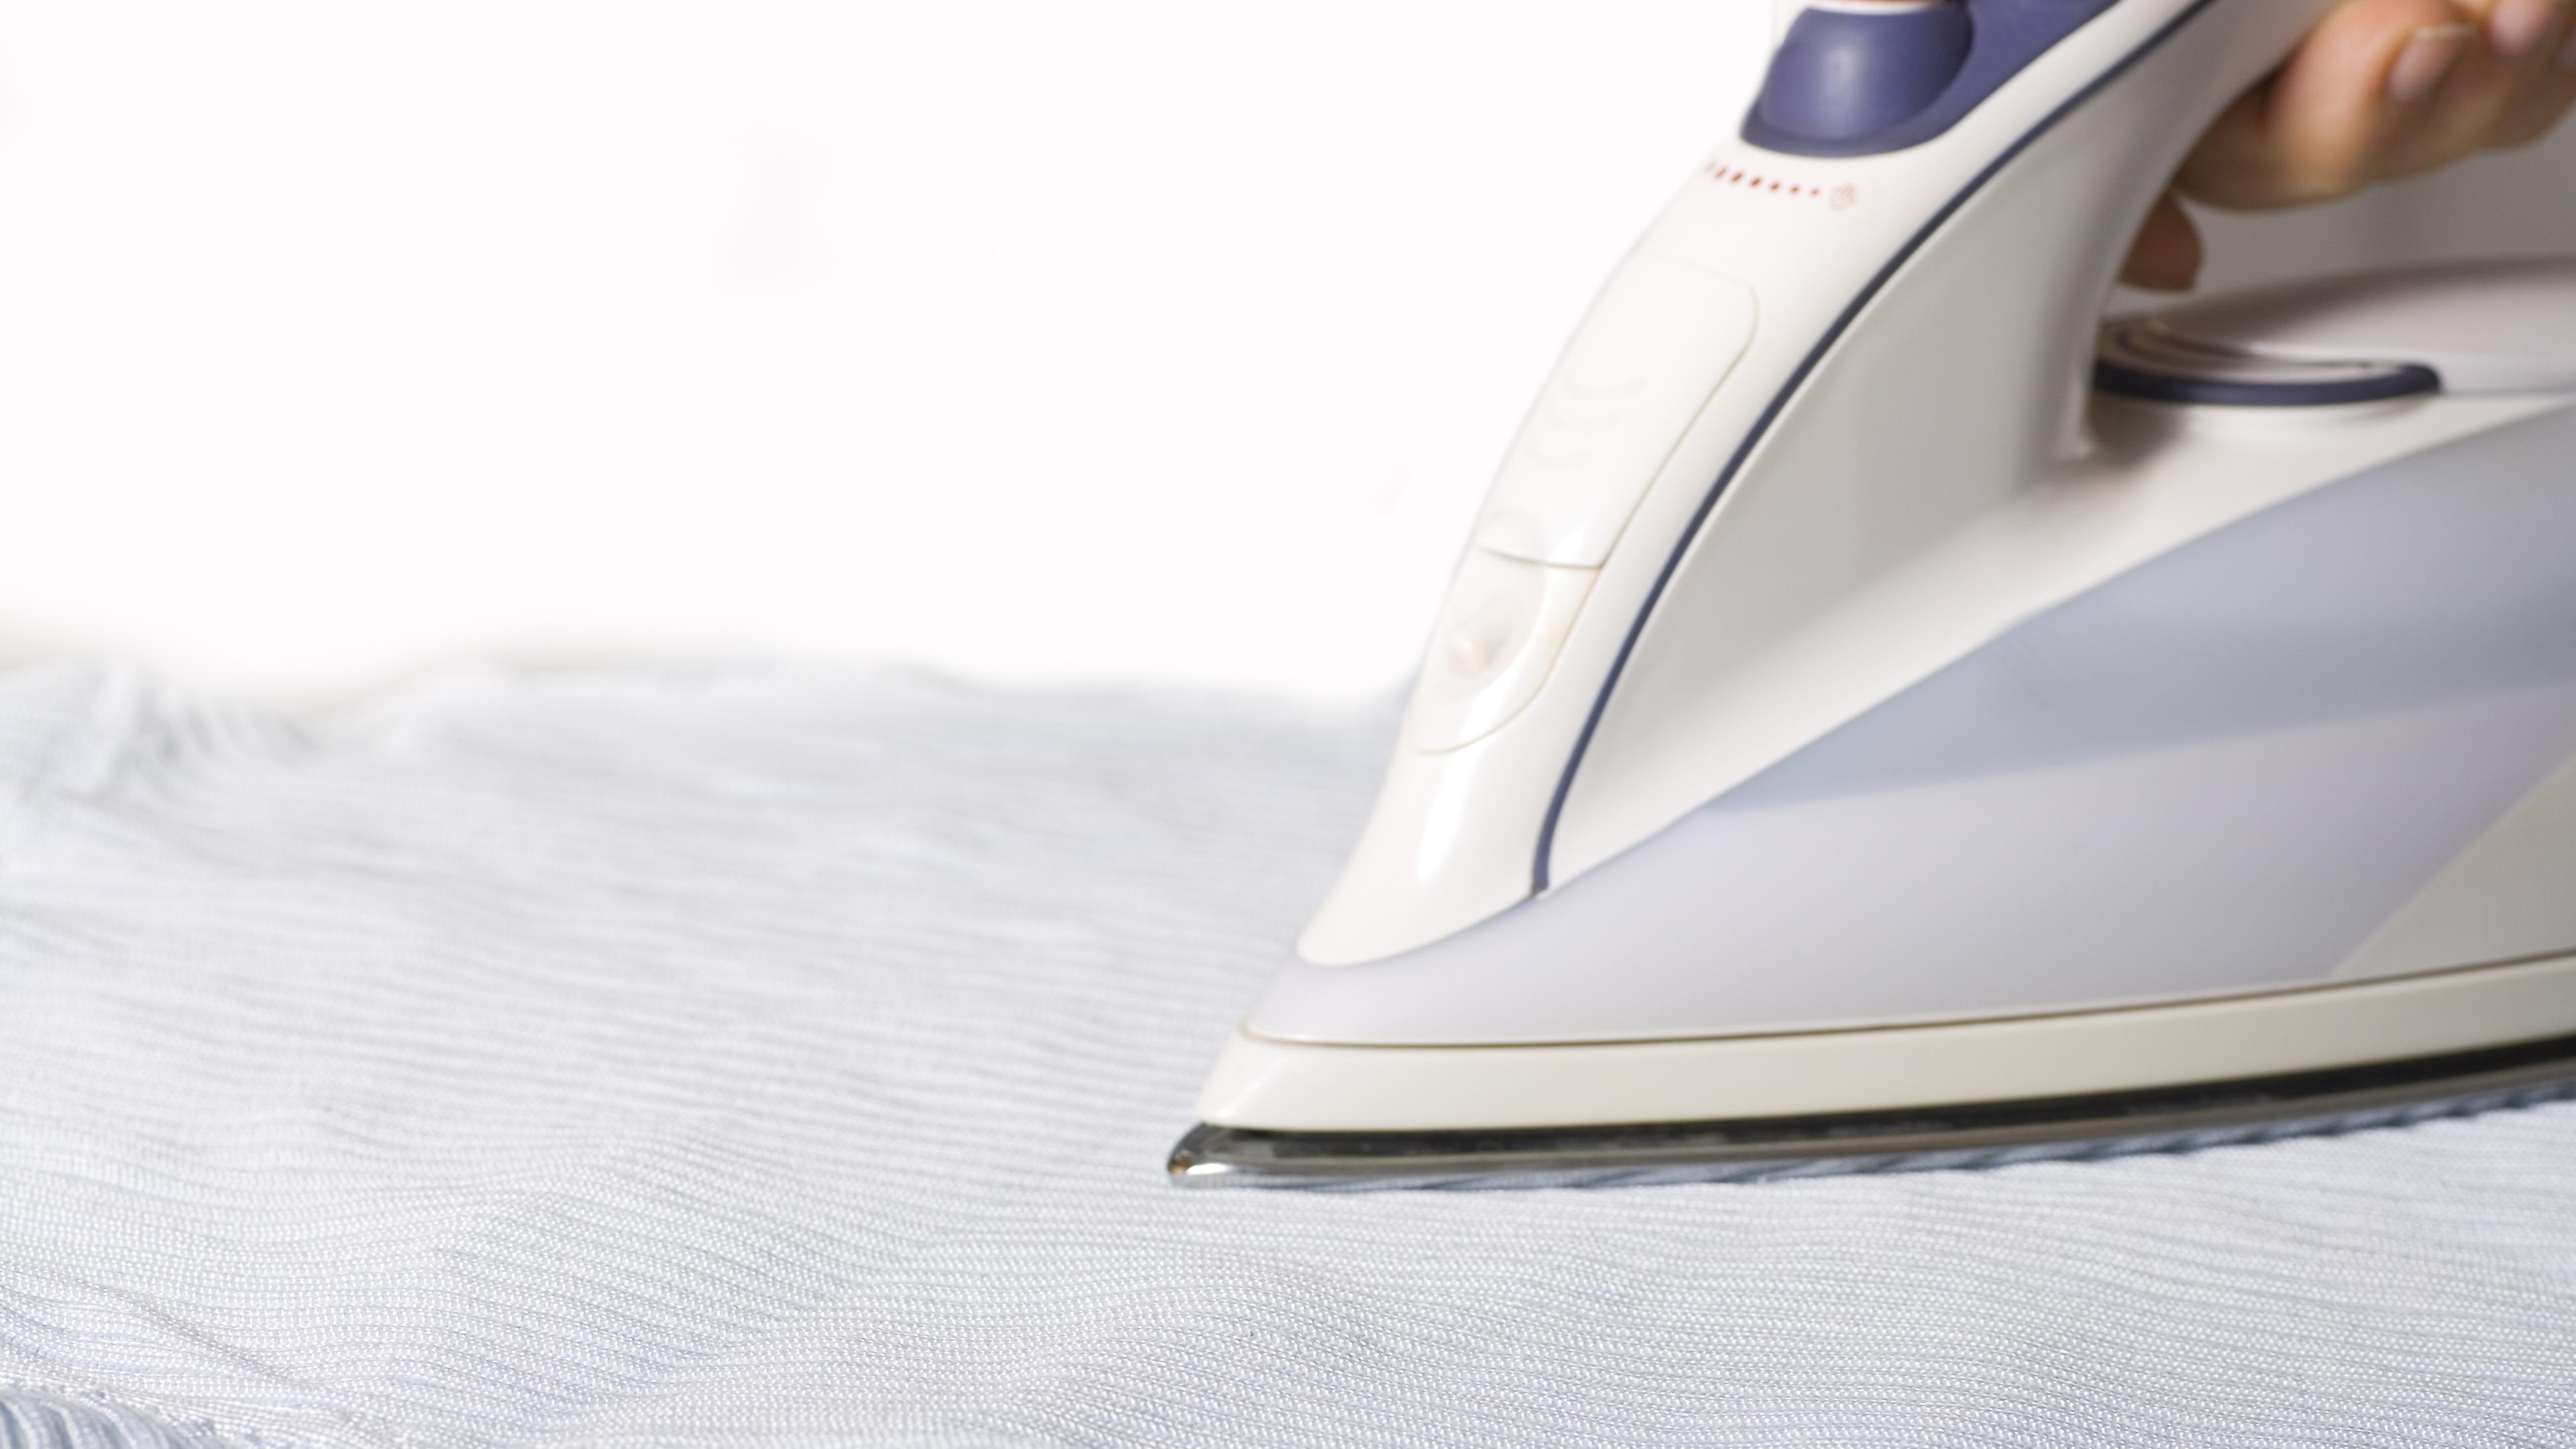 Bettwäsche bügeln: Das sollten Sie wissen